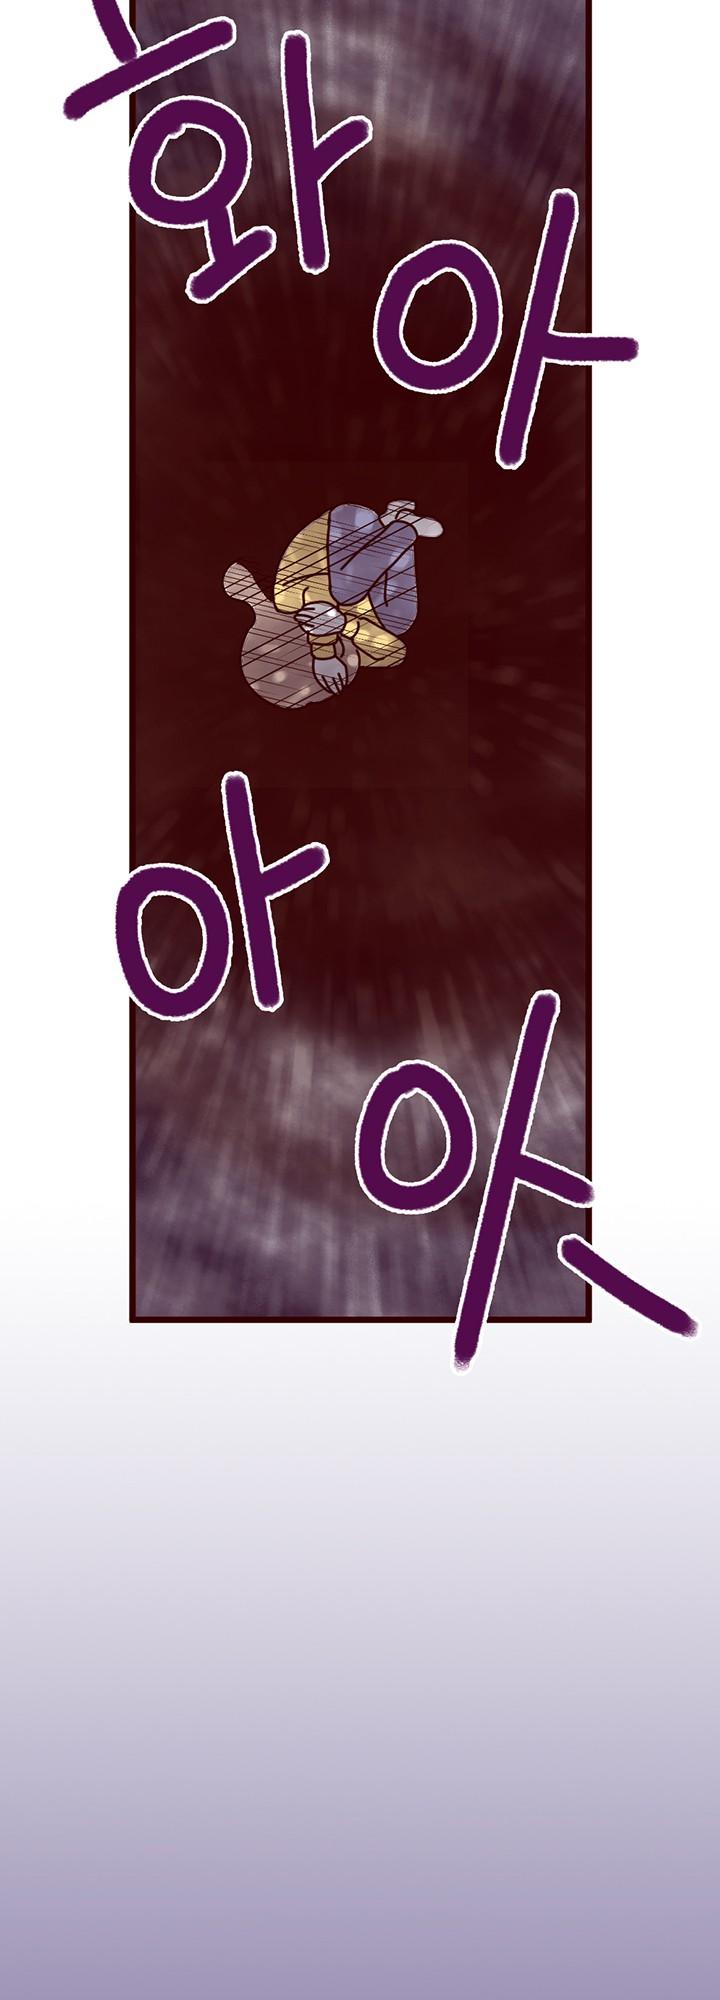 9 번째 이미지